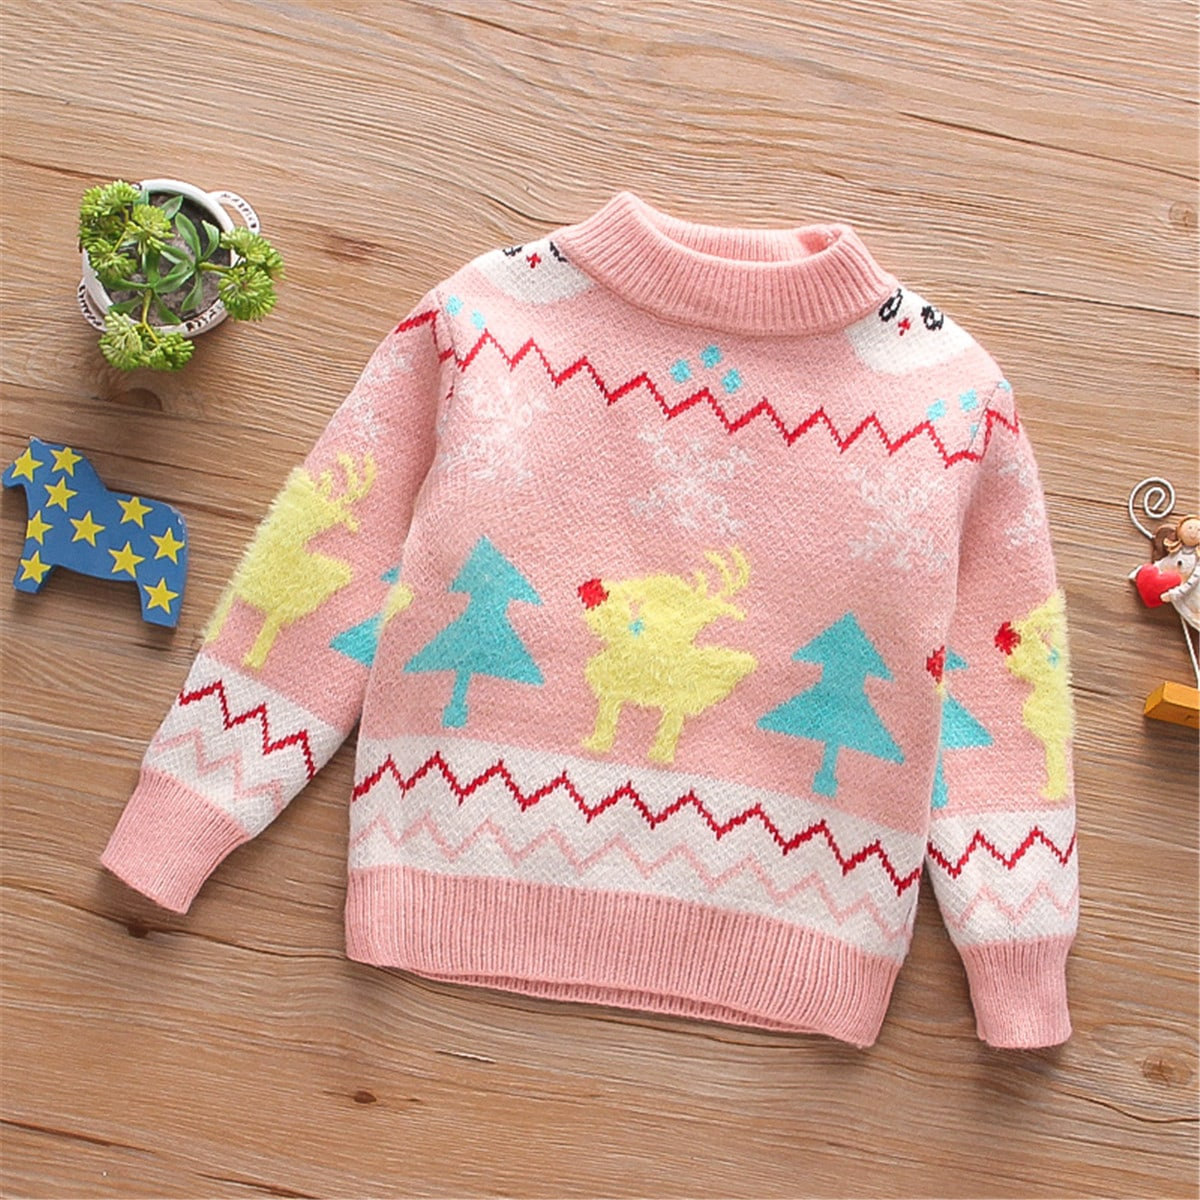 Этнический принт повседневный свитеры для девочек